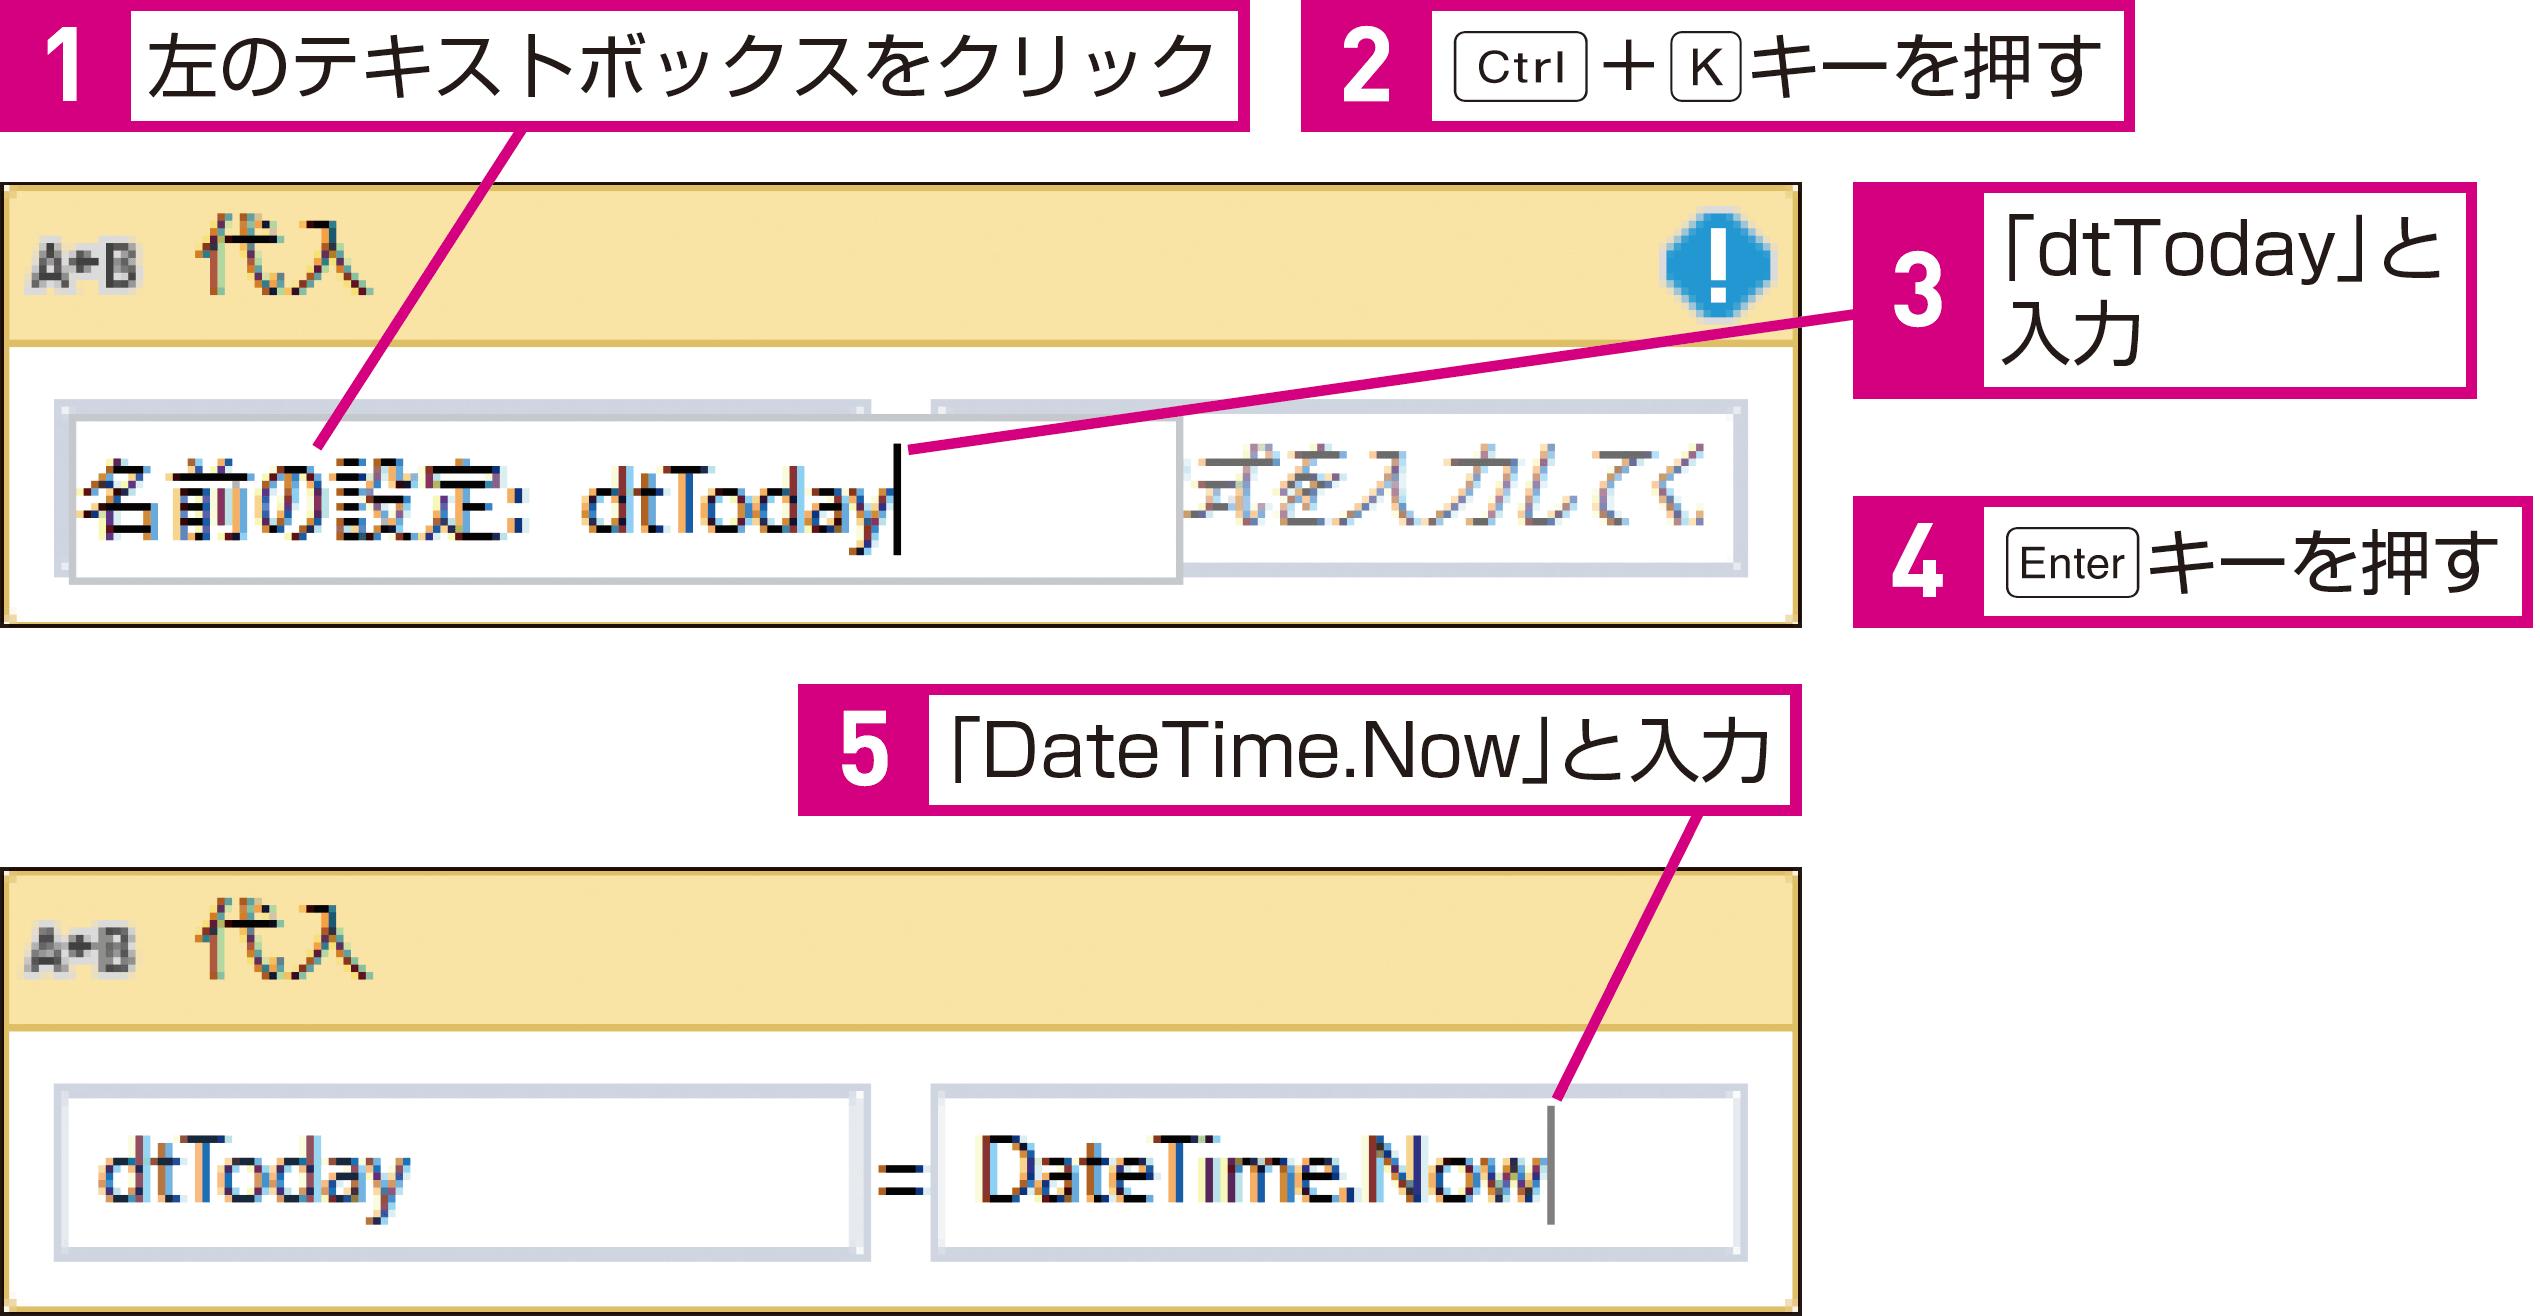 現在の日時を取得するには(日時の取得) - できるUiPath